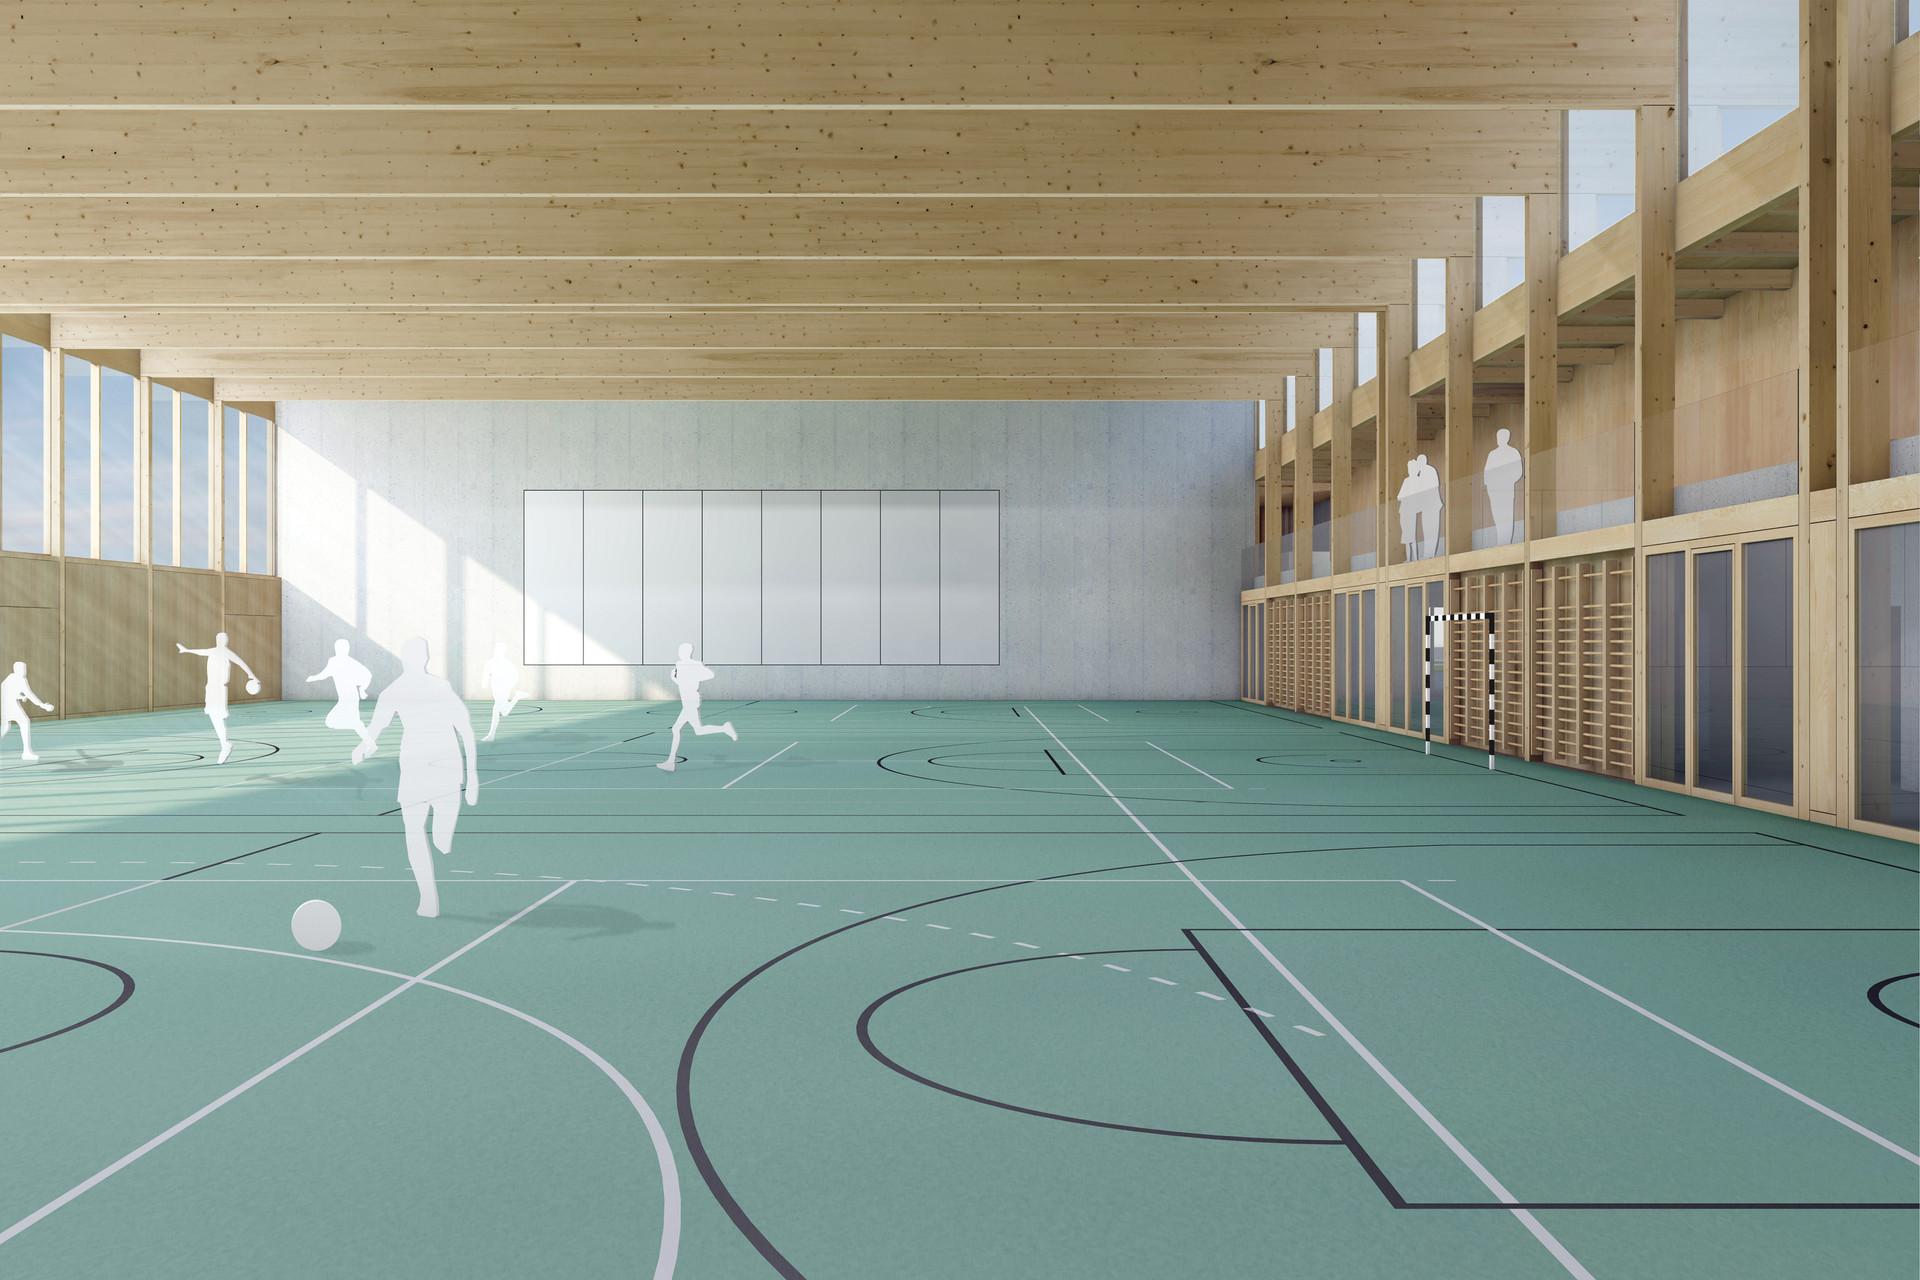 Mehrzweckhalle Hitzkirch - Projektwettbewerb, 2.Rang (Hochparterre Wettbewerbe 02/2020)